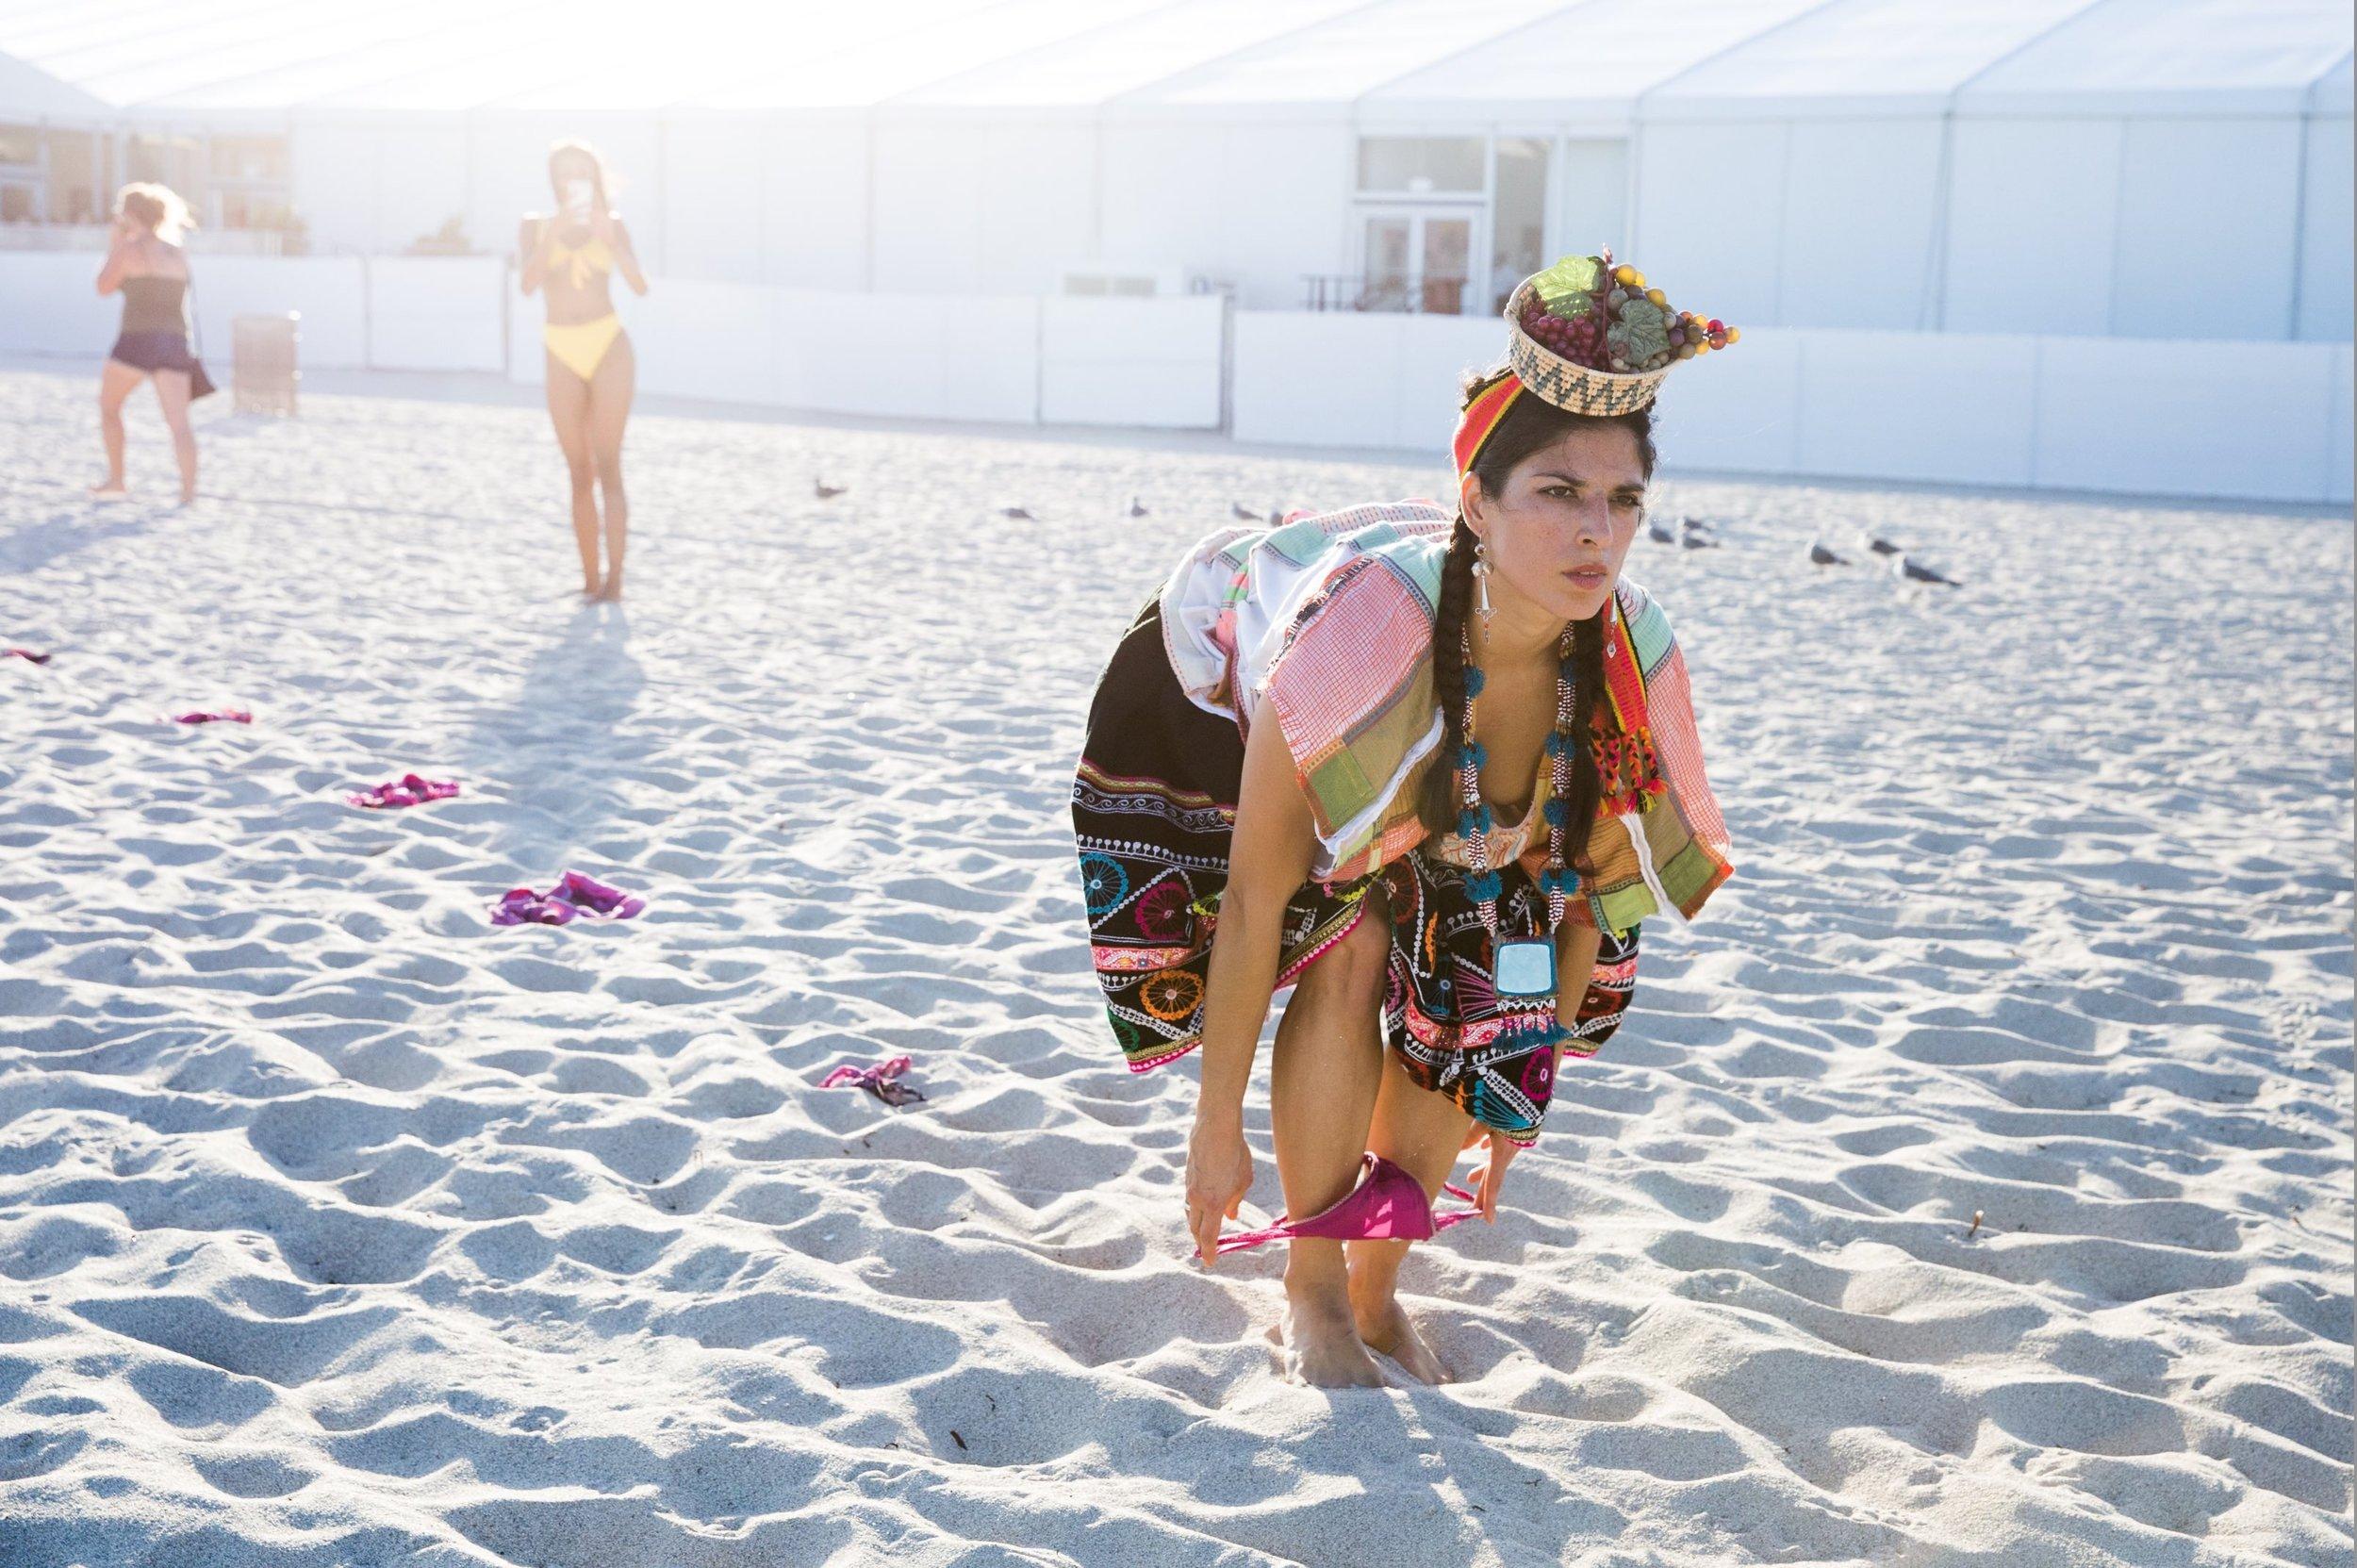 Katiushka Melo La Indigena, Performance, 2017